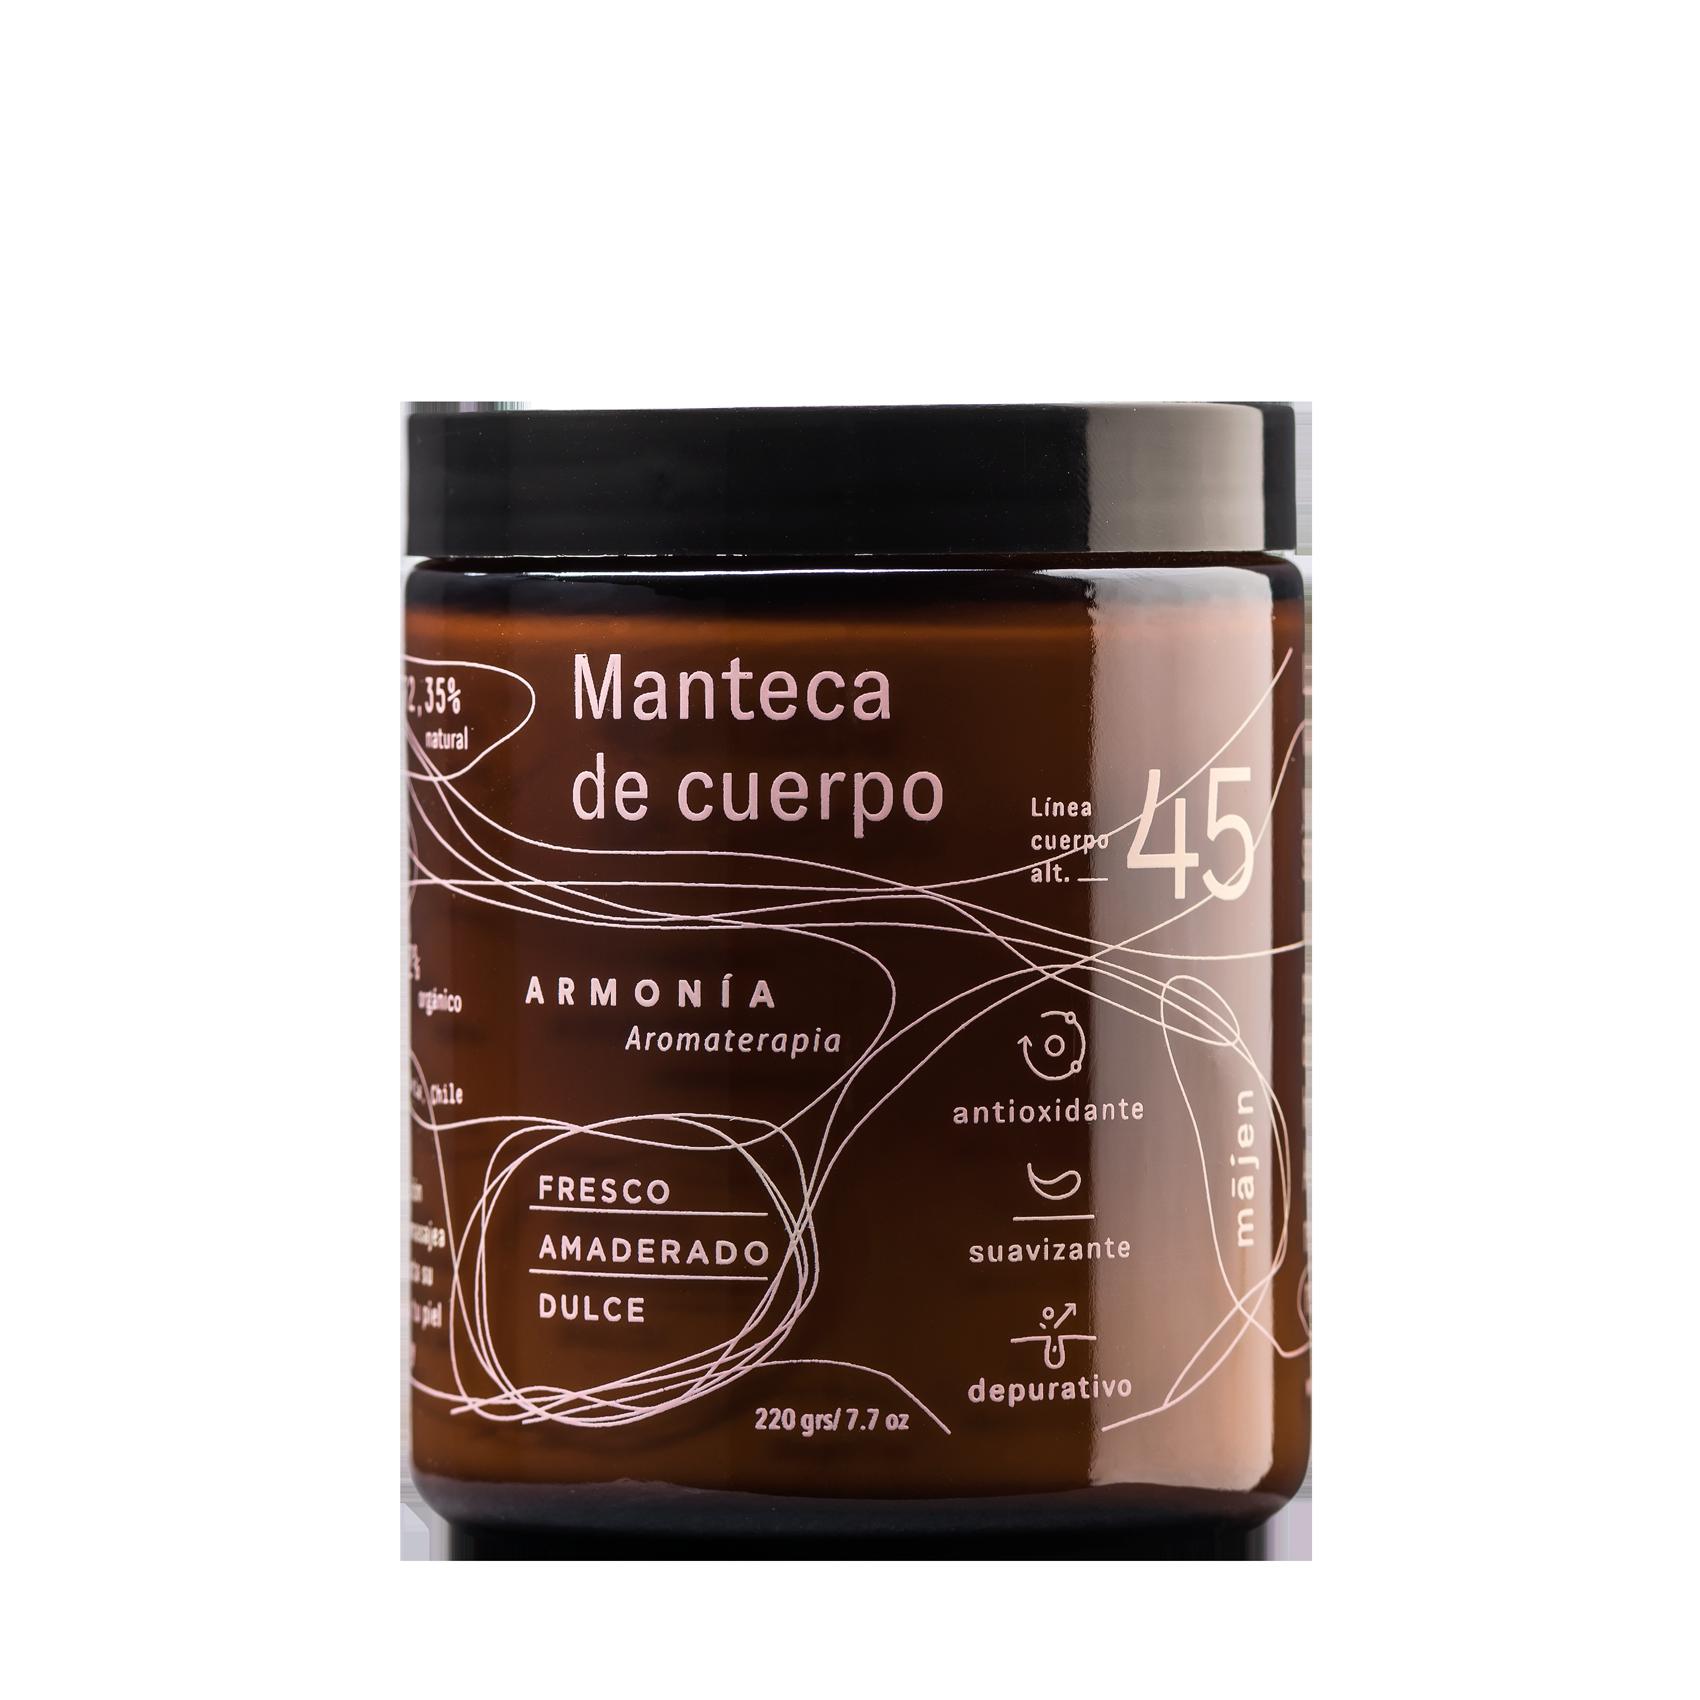 Manteca Cuerpo Armonía